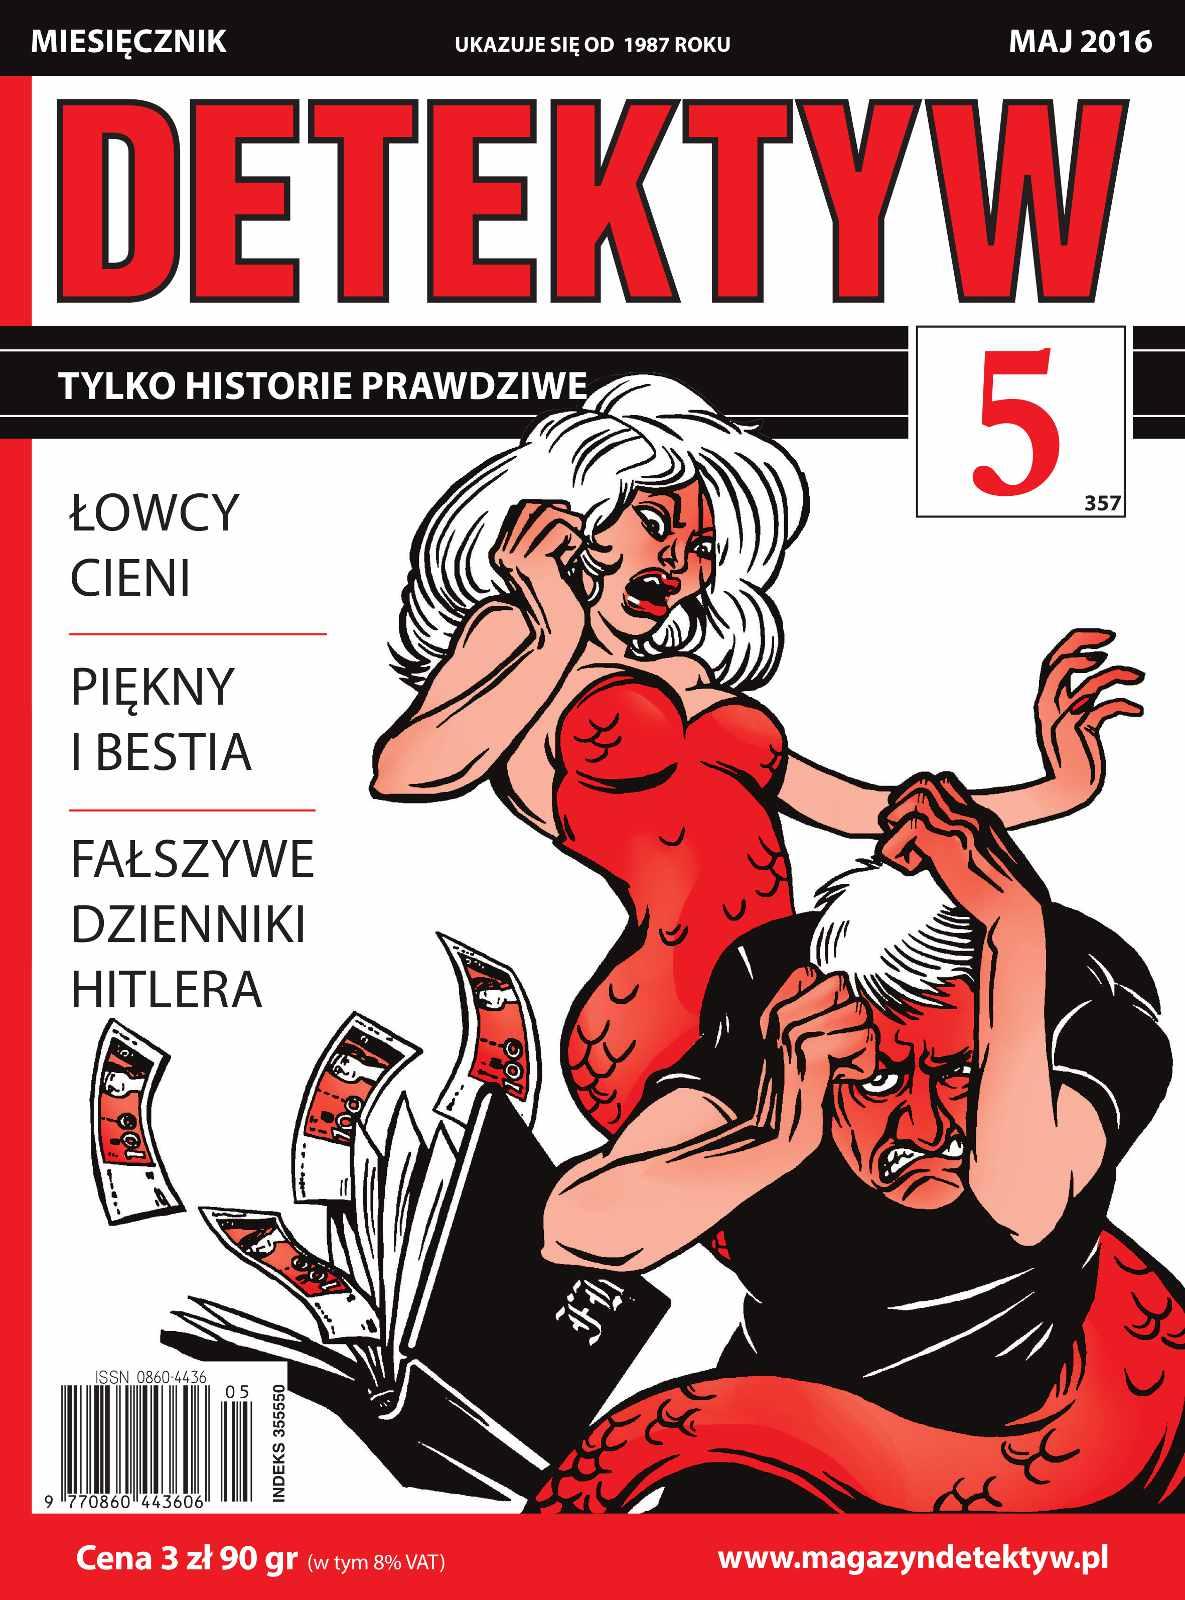 Detektyw 5/2016 - Ebook (Książka PDF) do pobrania w formacie PDF